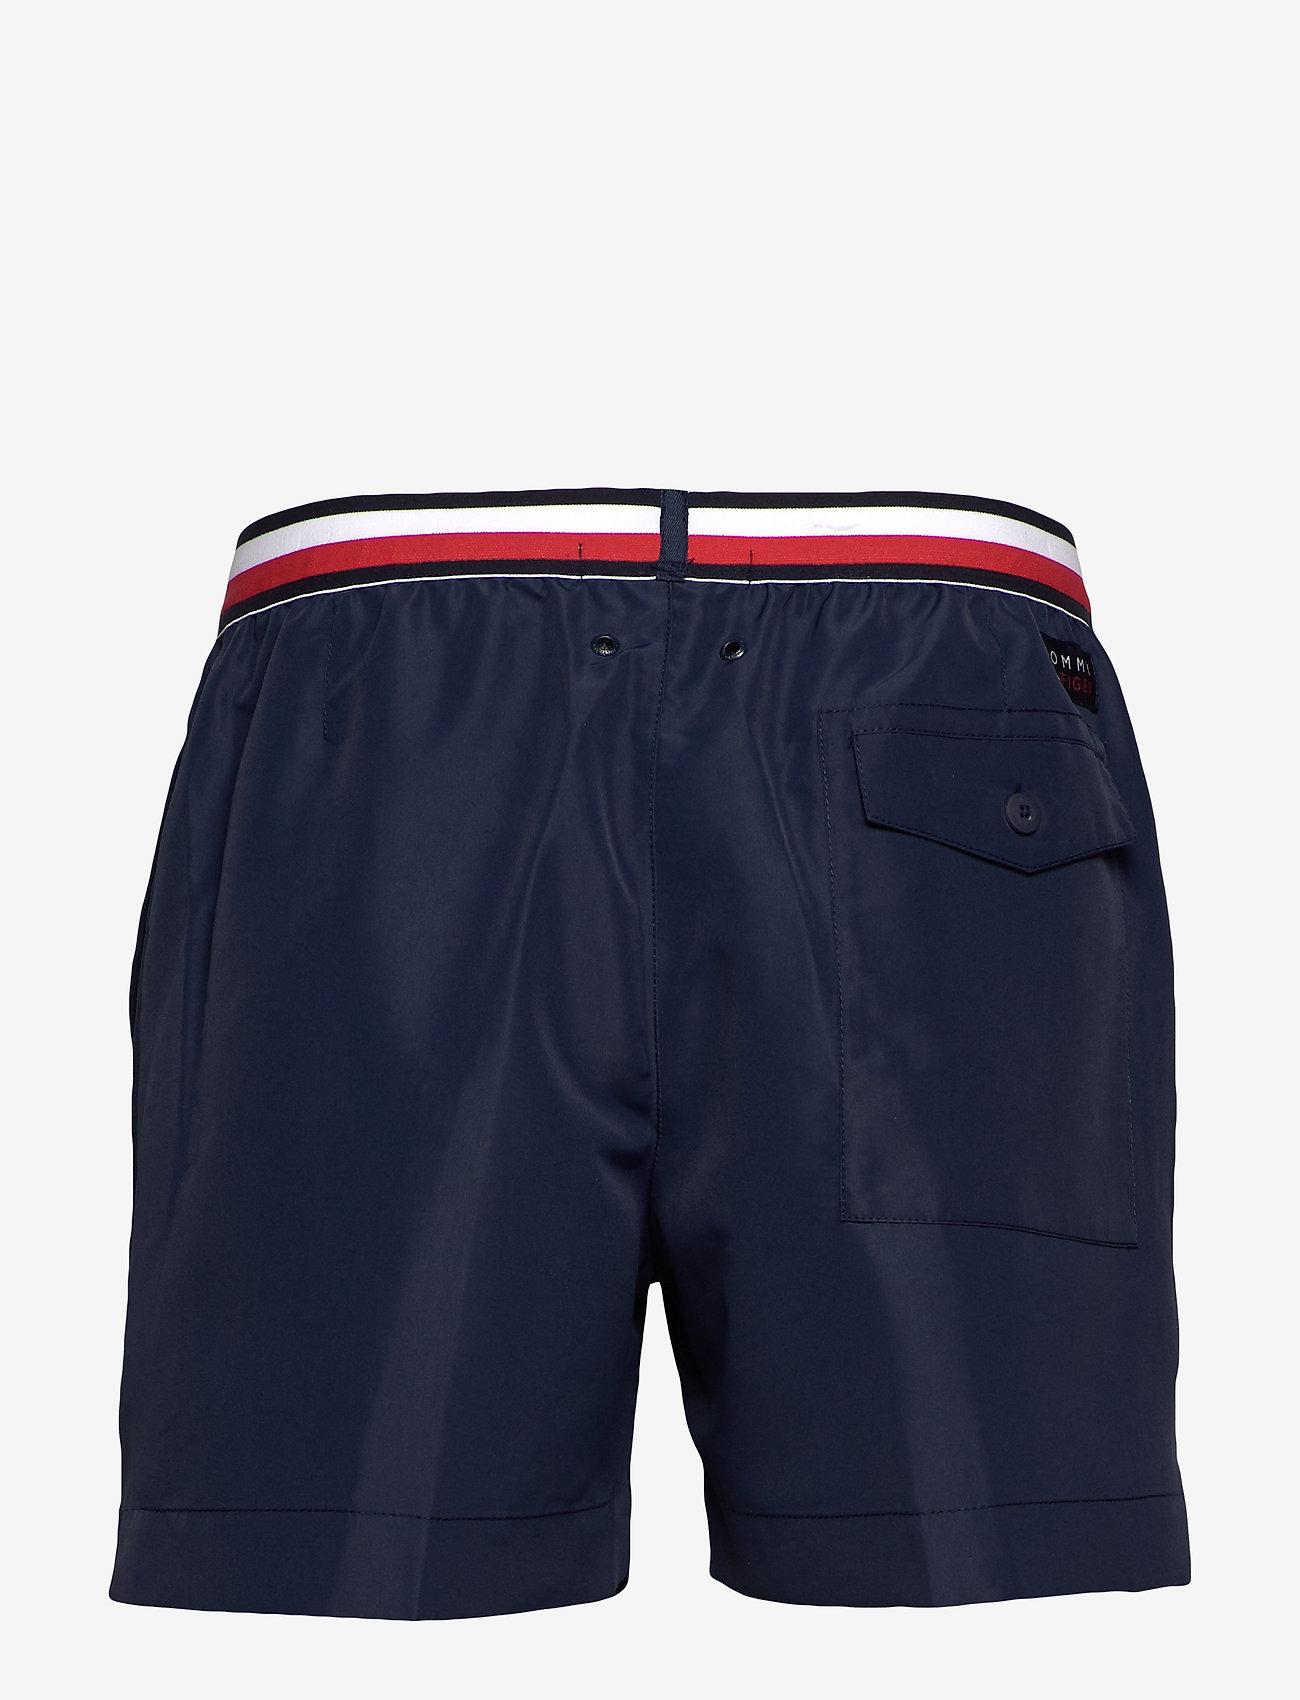 Tommy Hilfiger Medium Drawstring - Badkläder Pitch Blue 654-870